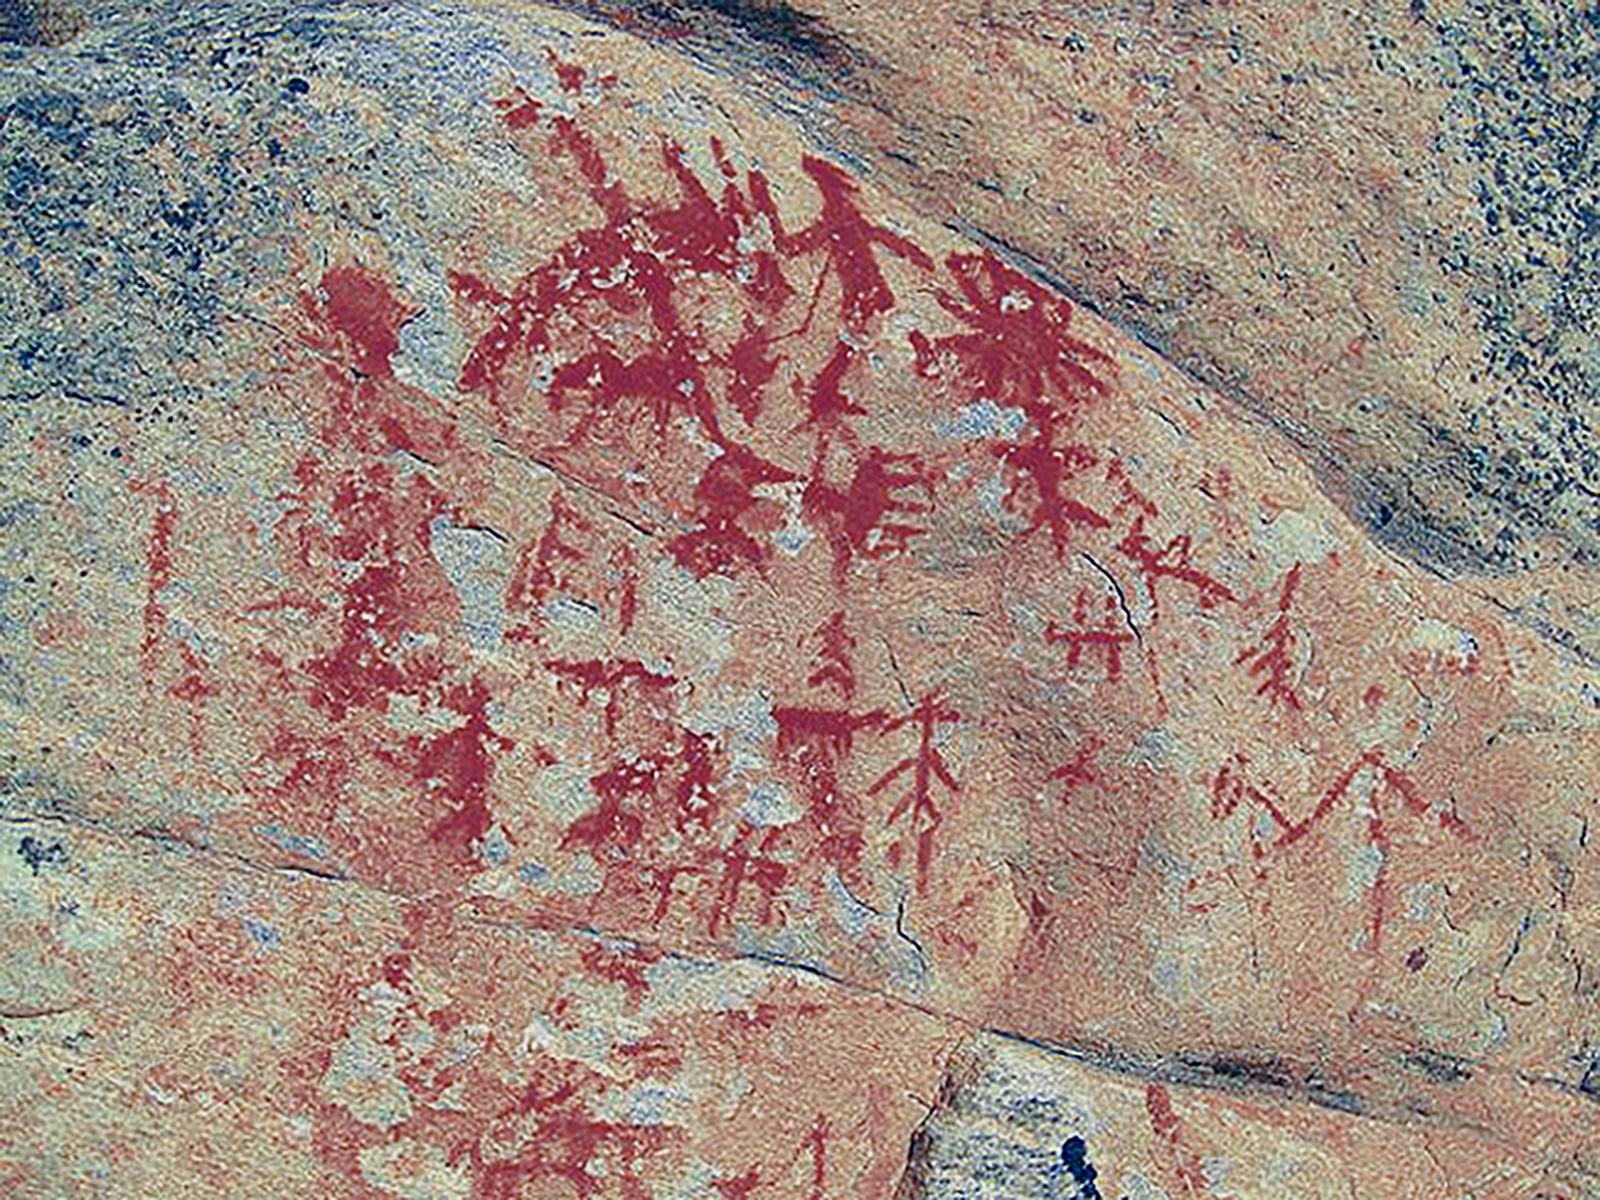 Rock Art: Petroglyphs and Pictographs in Utah - My Utah Parks